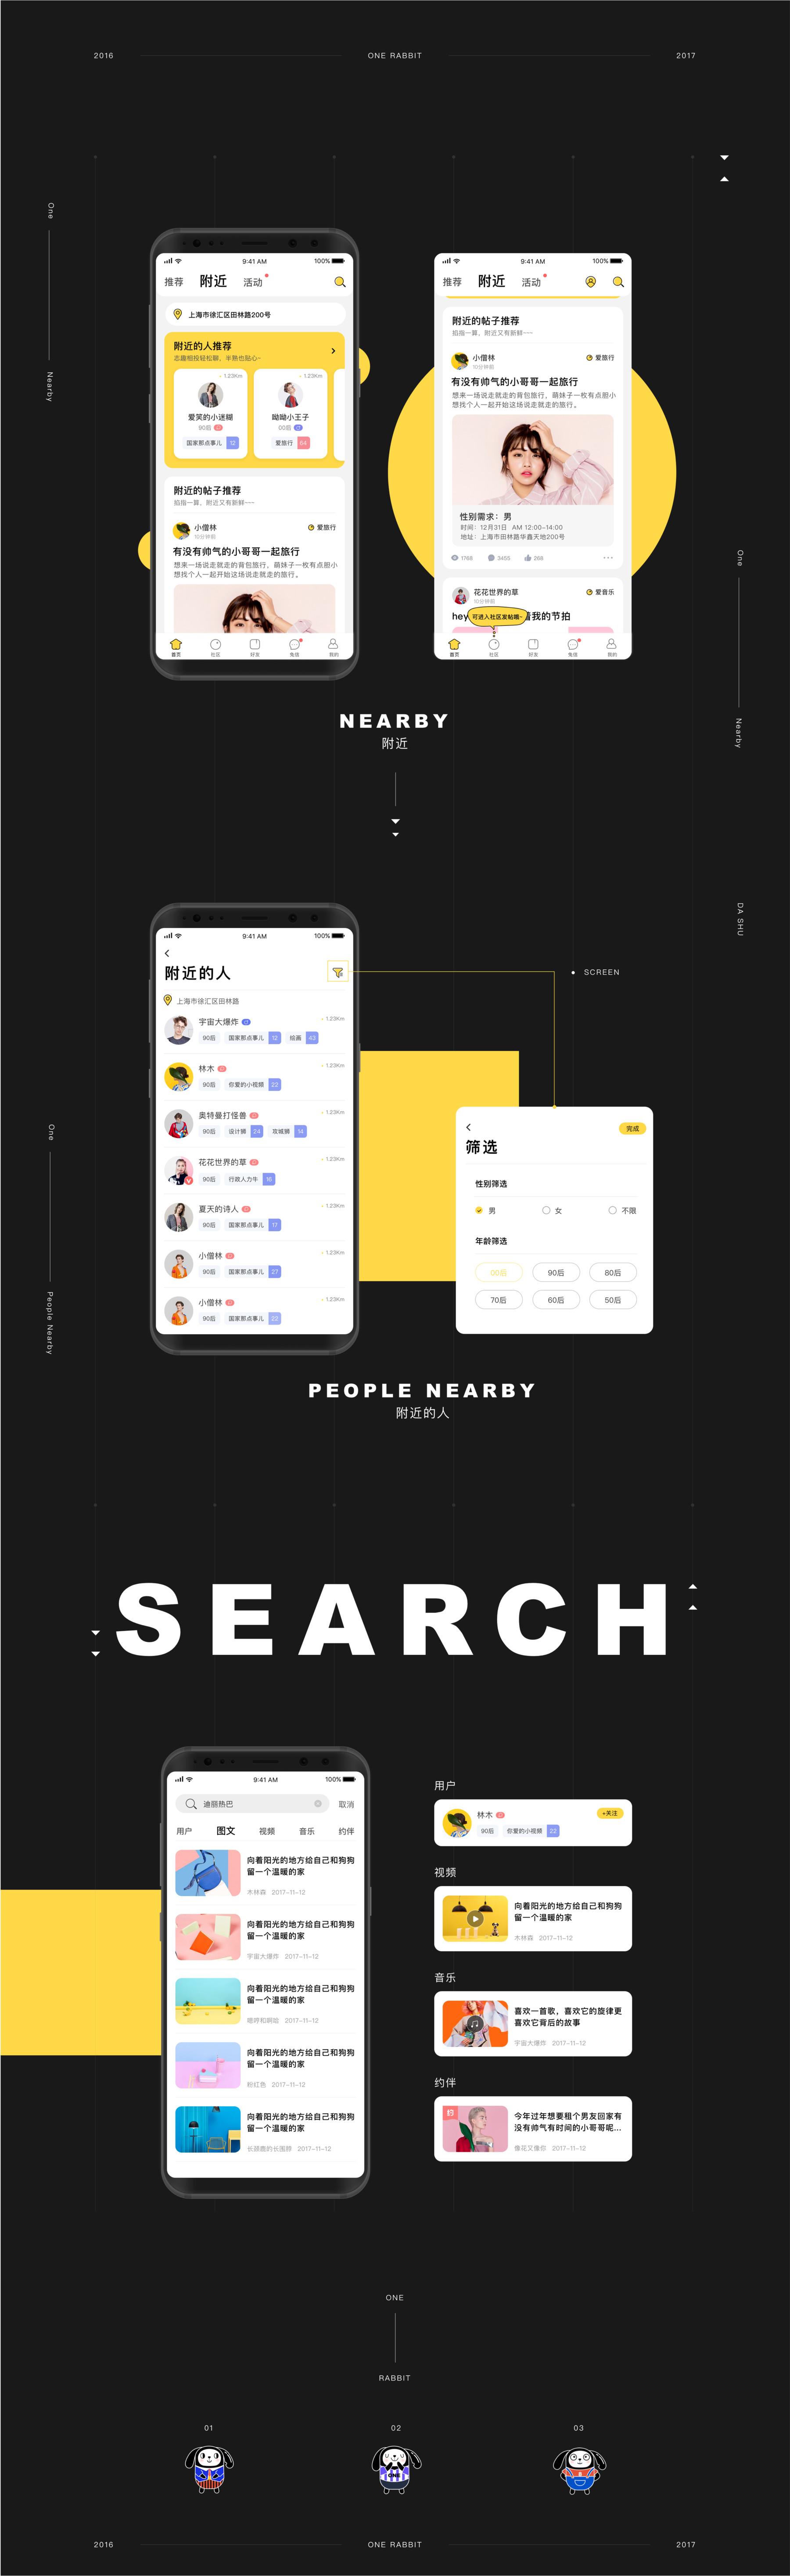 2020最新开发社交社区交友婚恋视频即时通讯ONE兔V2.3版原生双端APP源码-爱资源分享